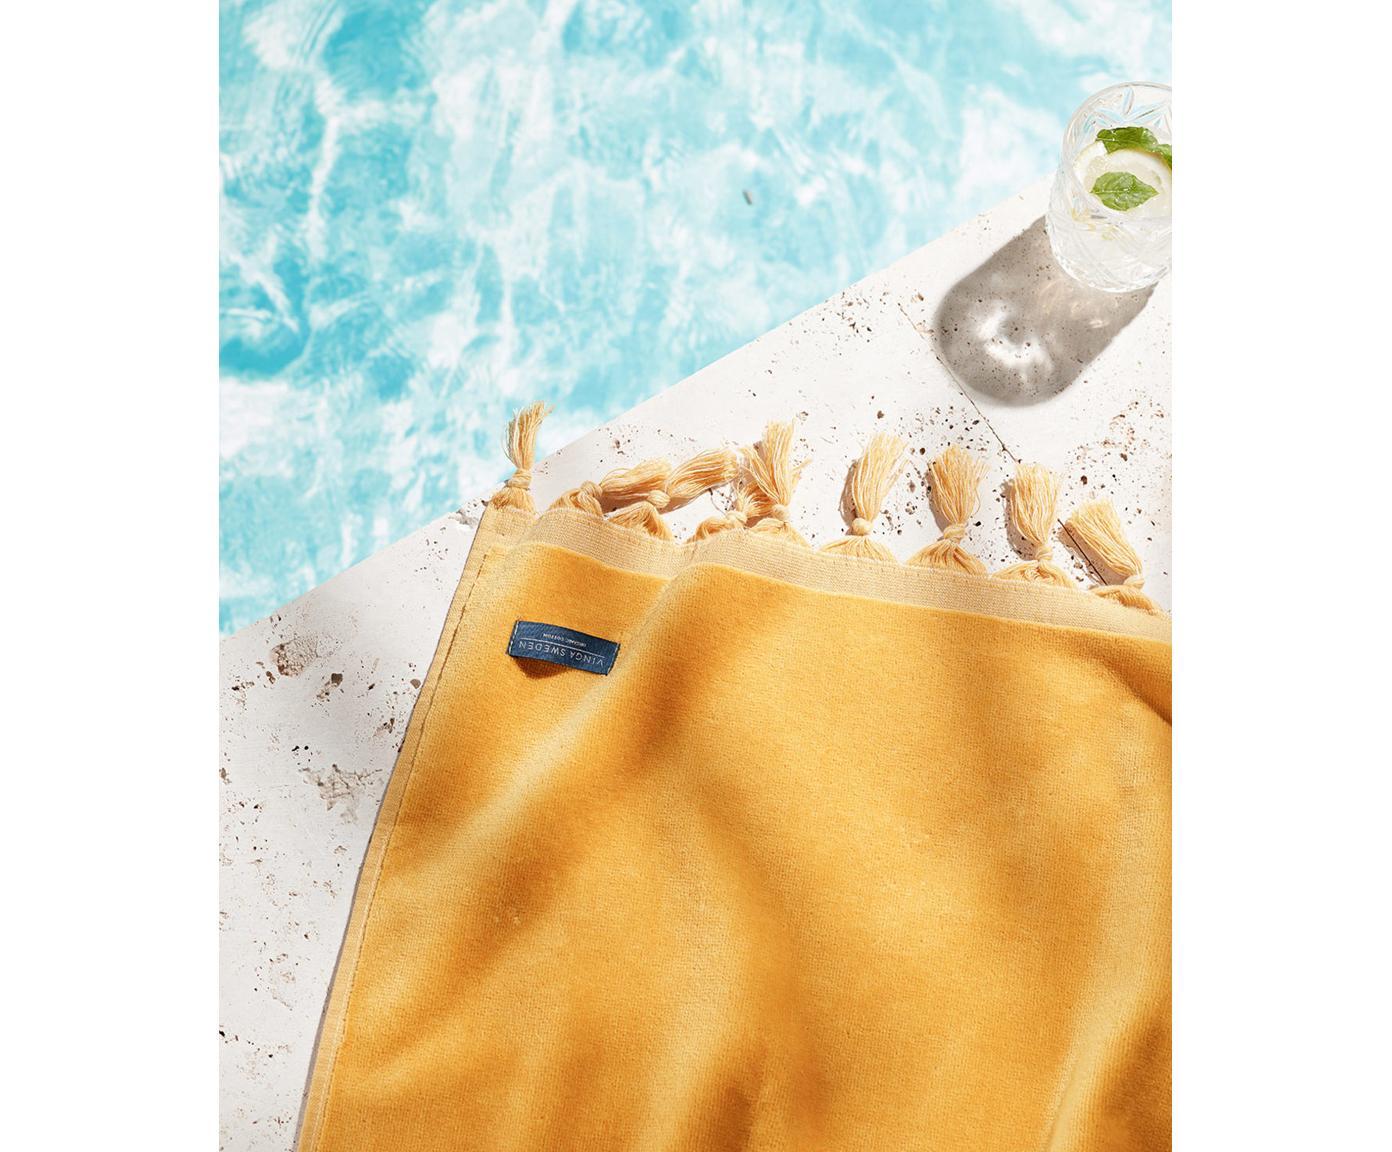 Ręcznik plażowy Creating Memories, Bawełna, certyfikat GOTS, Średnia gramatura, 450 g/m², Żółty, S 80 x D 180 cm